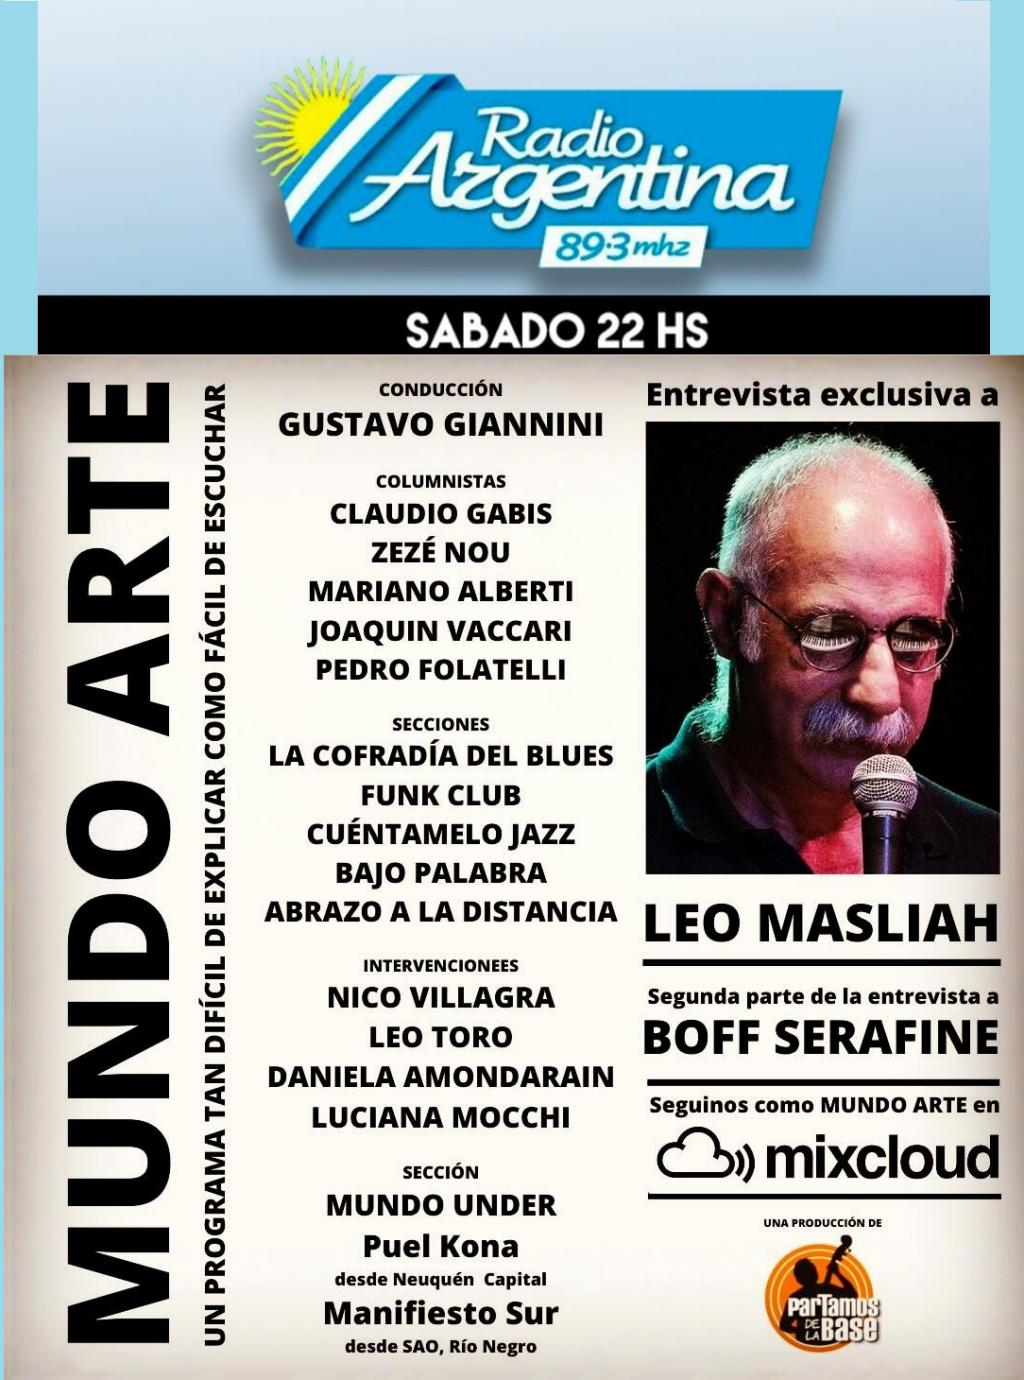 MUNDO ARTE capítulo 62 por Radio Argentina